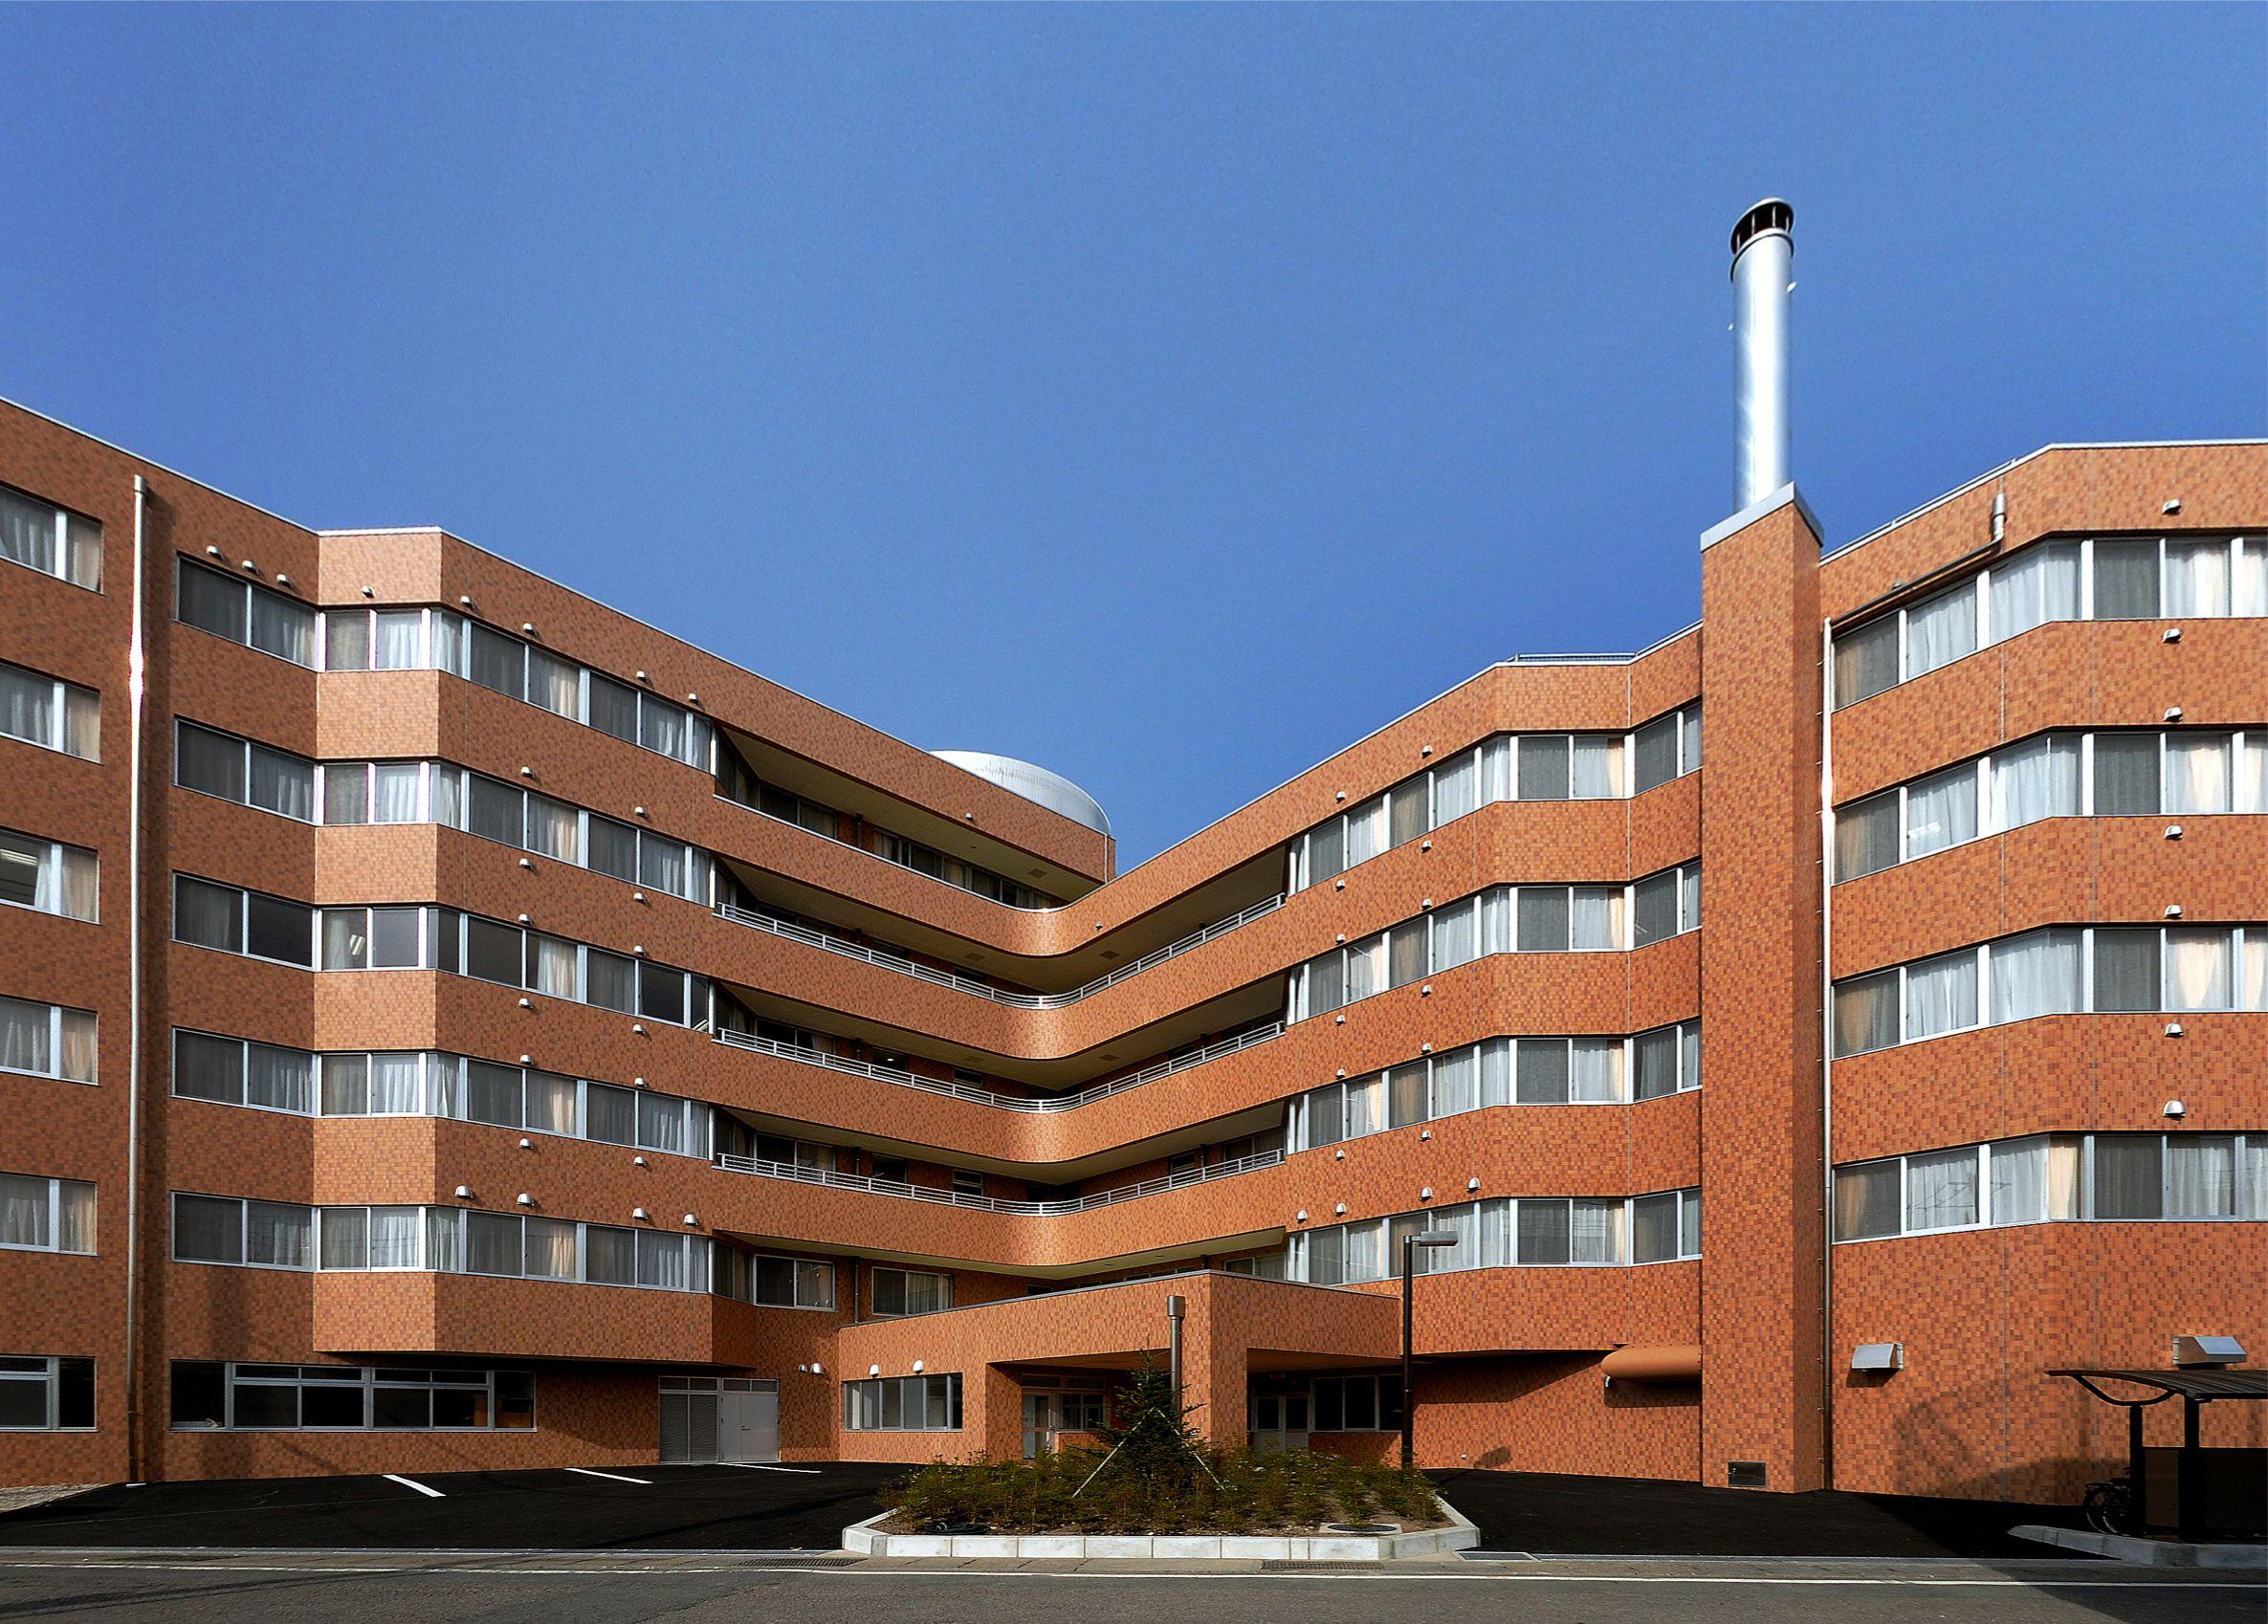 サンピエール病院